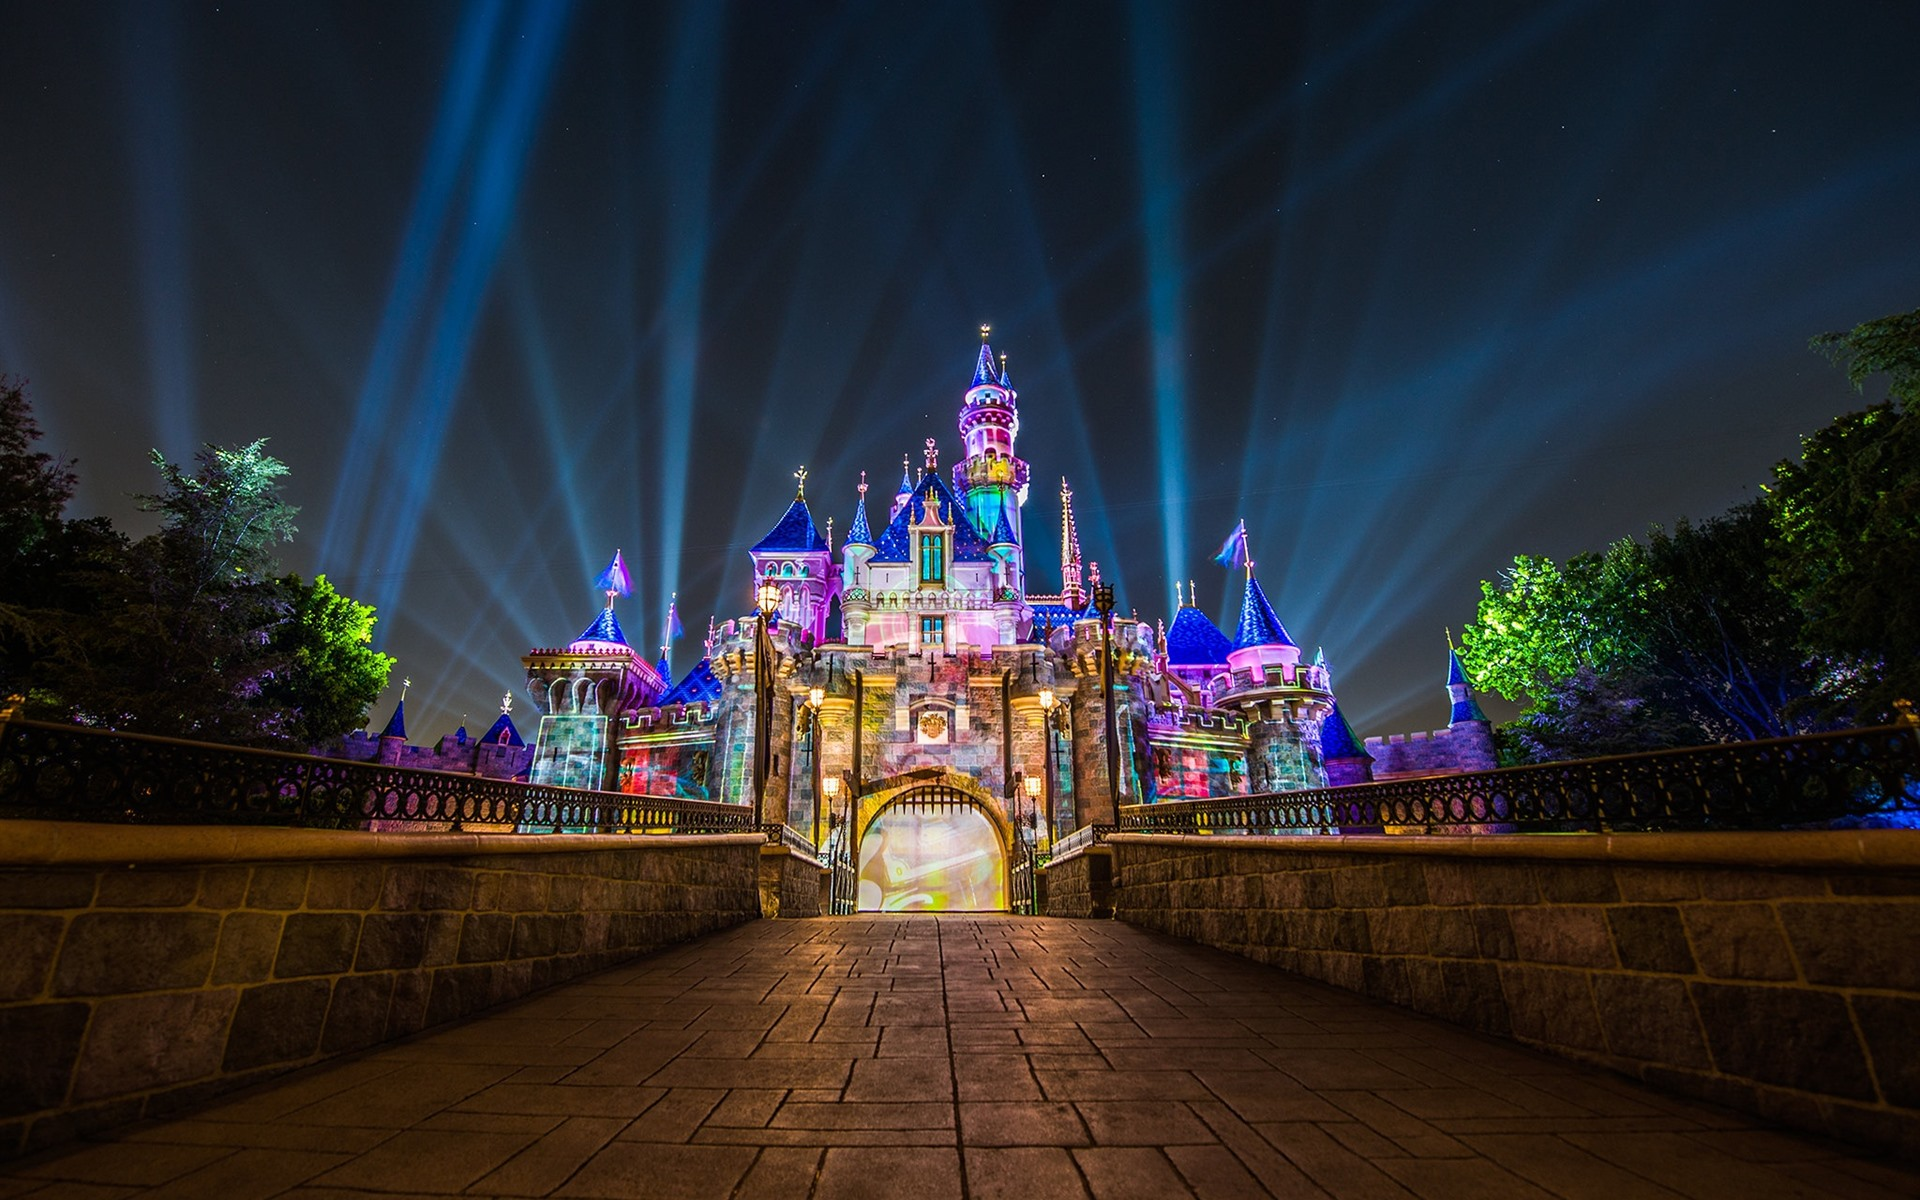 壁紙 ディズニーランド カリフォルニア州 アメリカ カラフルなライト 城 夜 19x10 Hd 無料のデスクトップの背景 画像